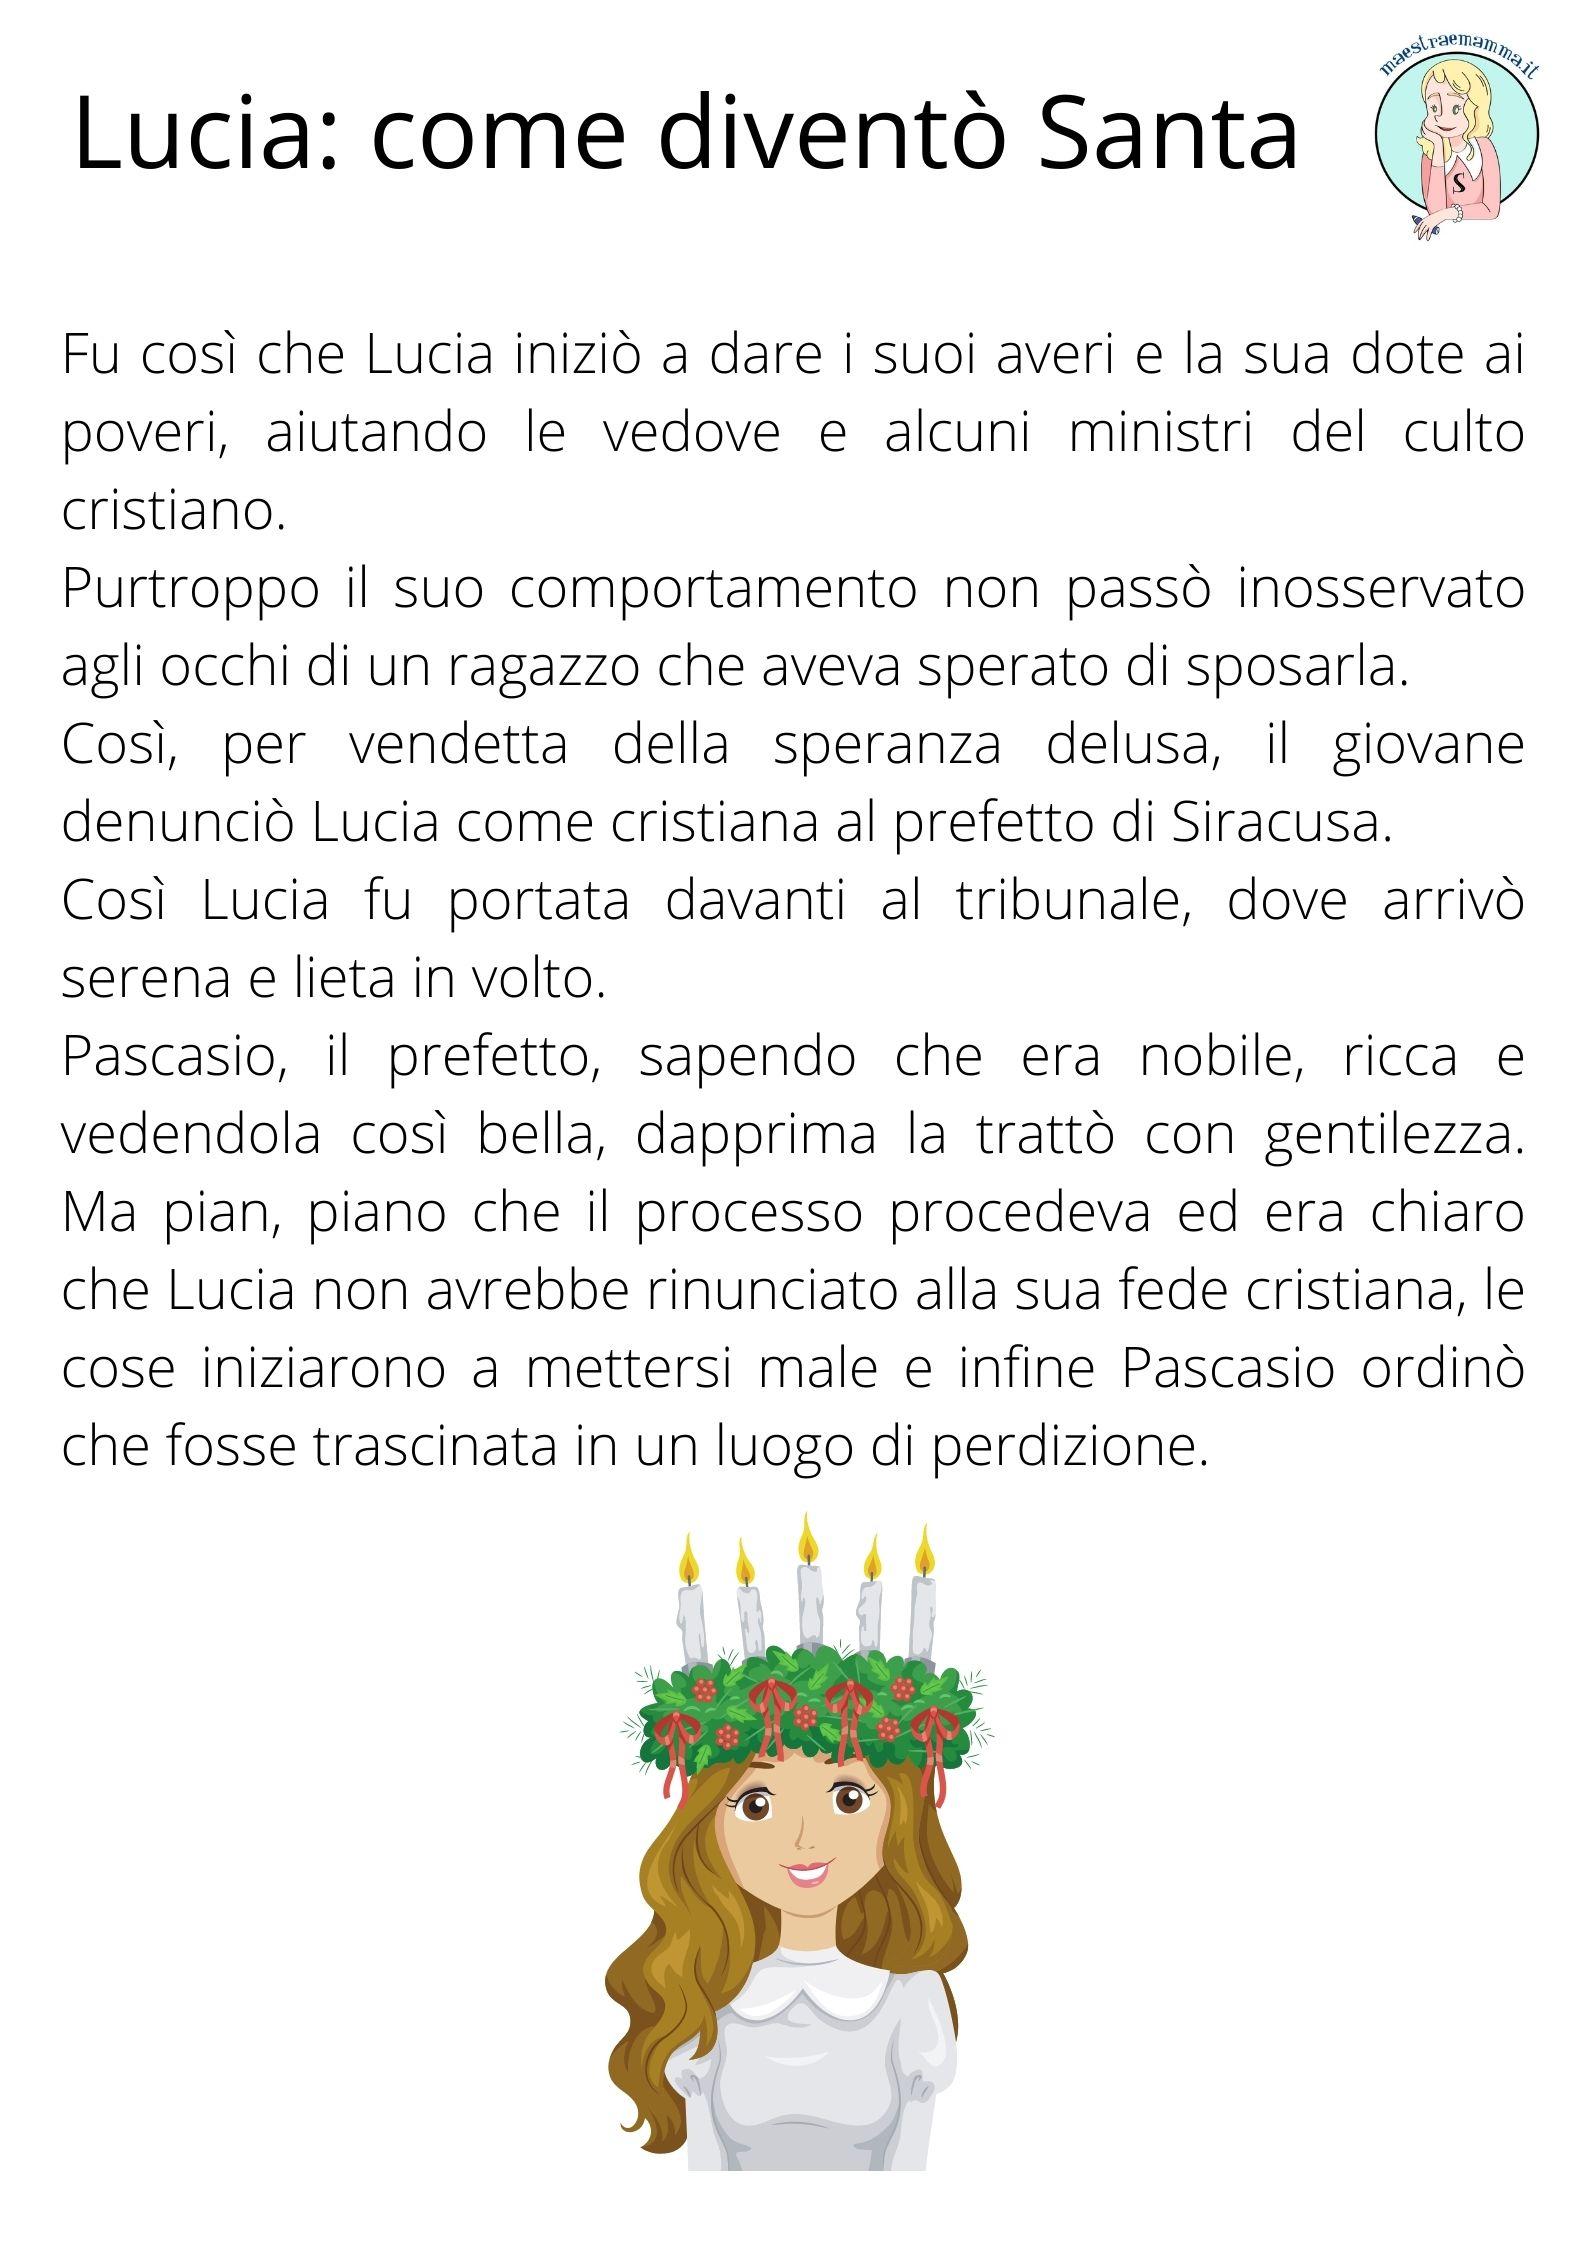 storia di santa lucia per bambini